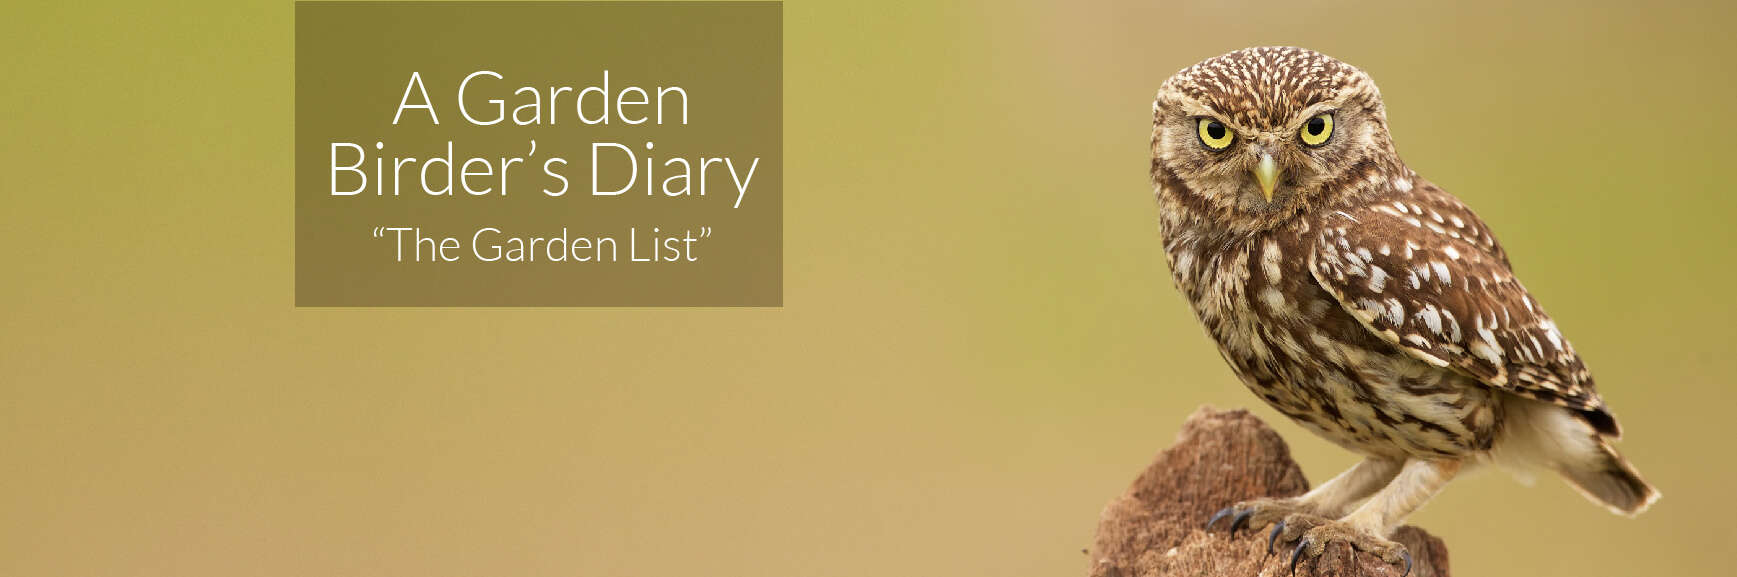 A Garden Birder's Diary – The Garden List